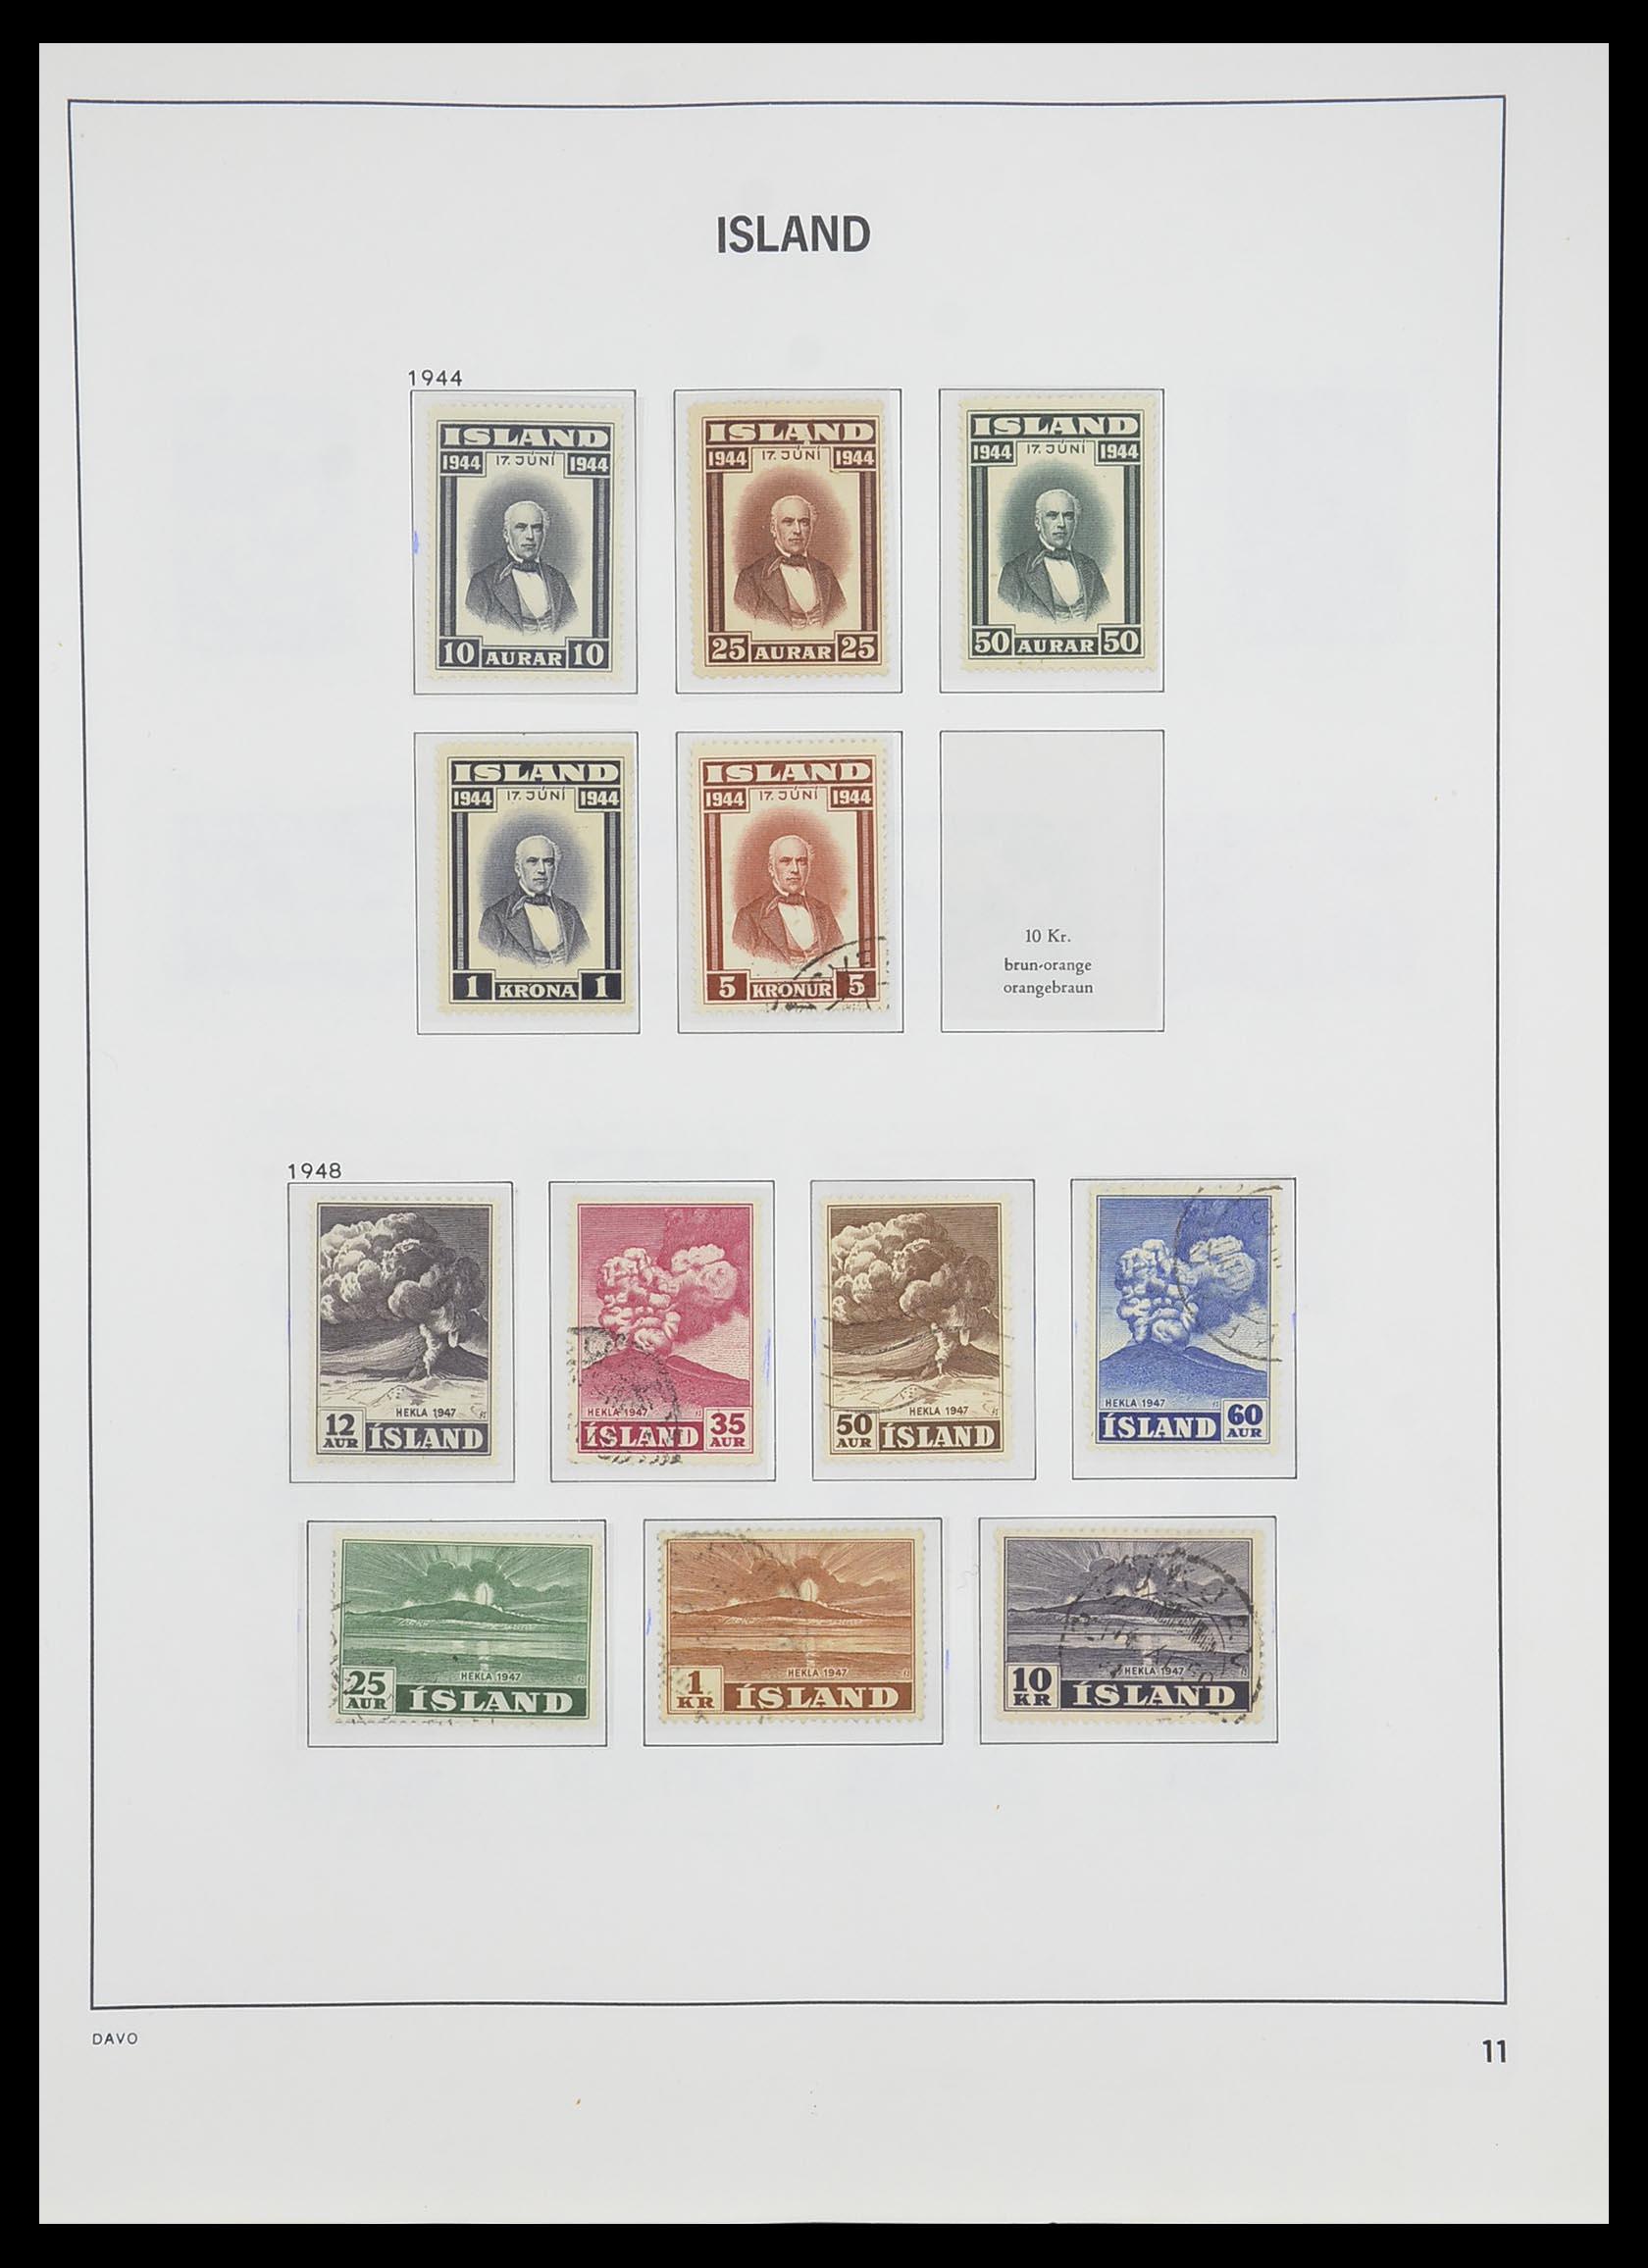 33785 012 - Postzegelverzameling 33785 IJsland 1876-1990.